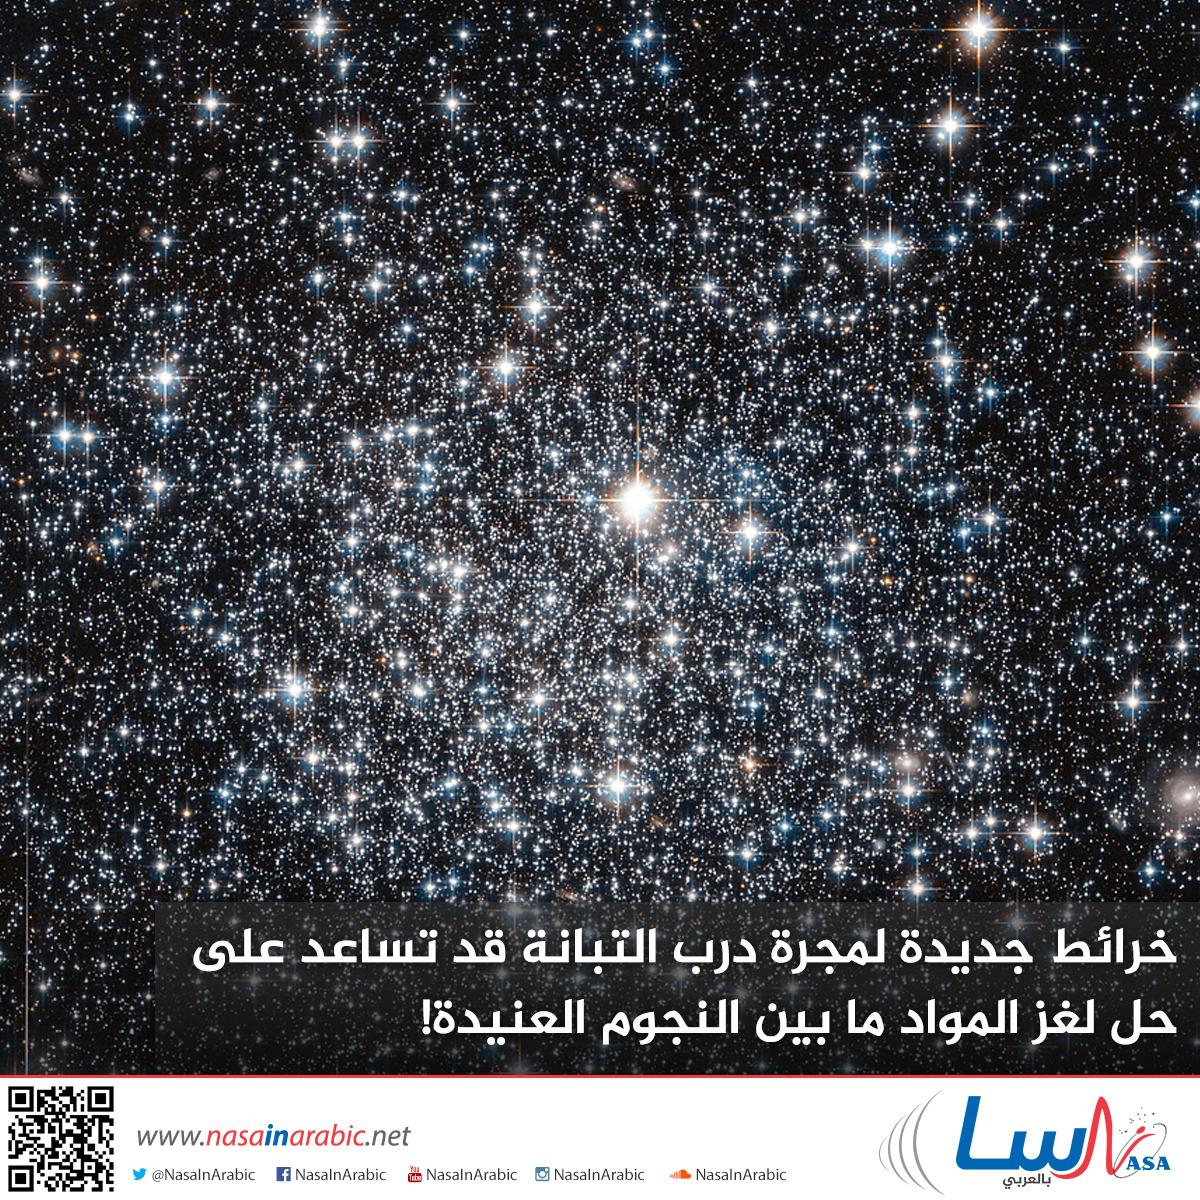 خرائط جديدة لمجرة درب التبانة قد تساعد على حل لغز المواد ما بين النجوم العنيدة!